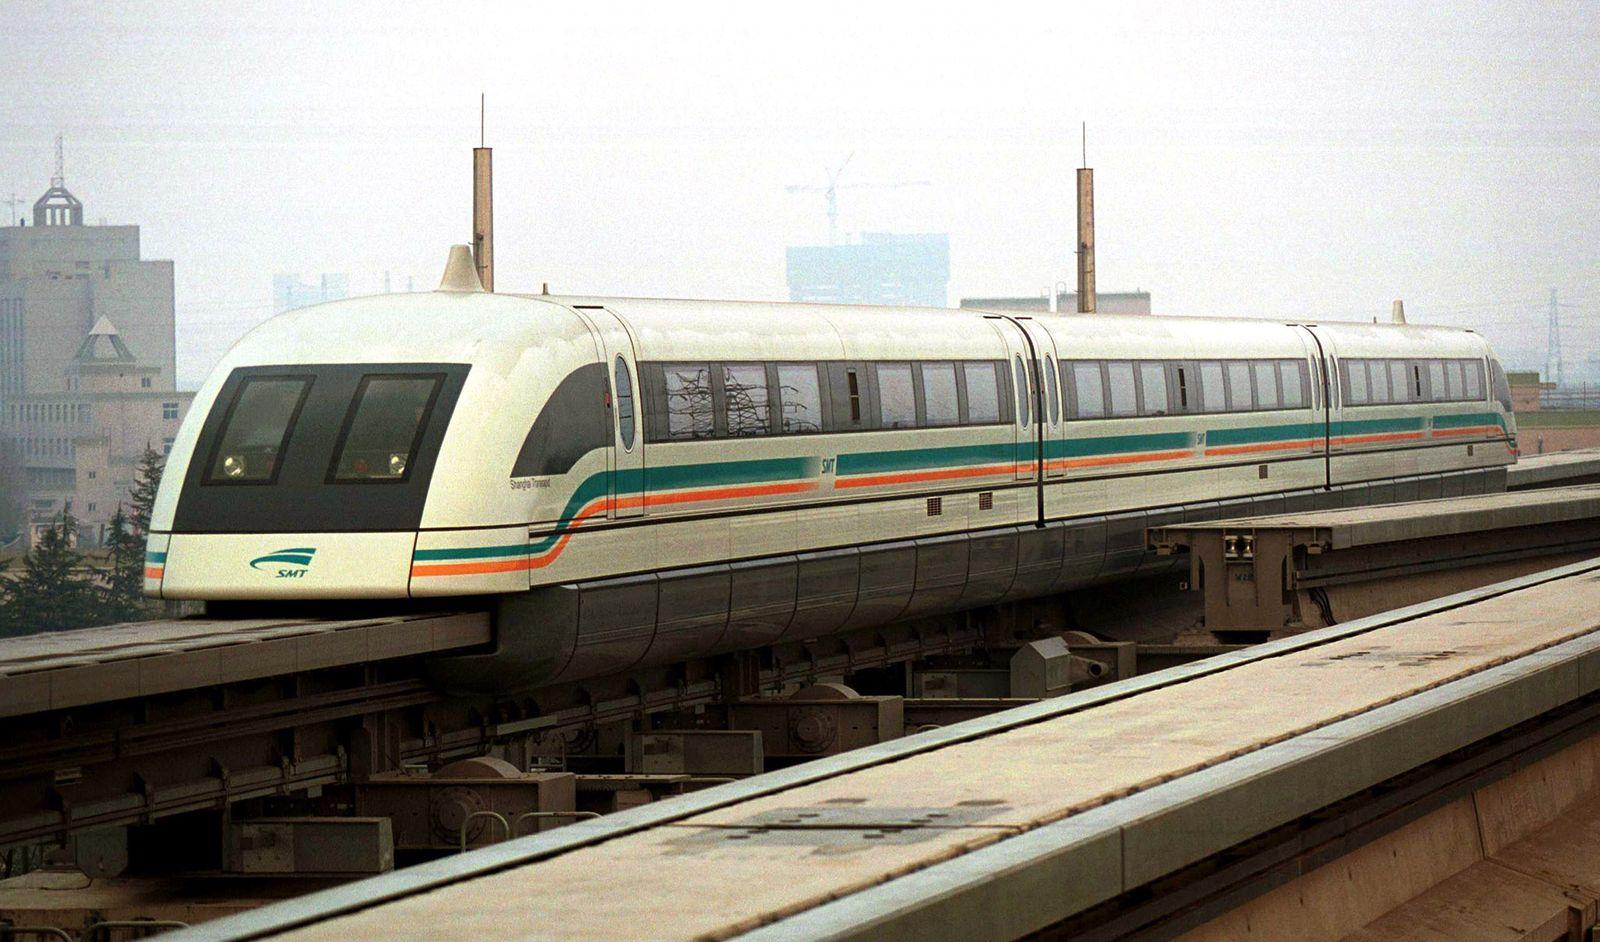 Transrapid / Shanghai